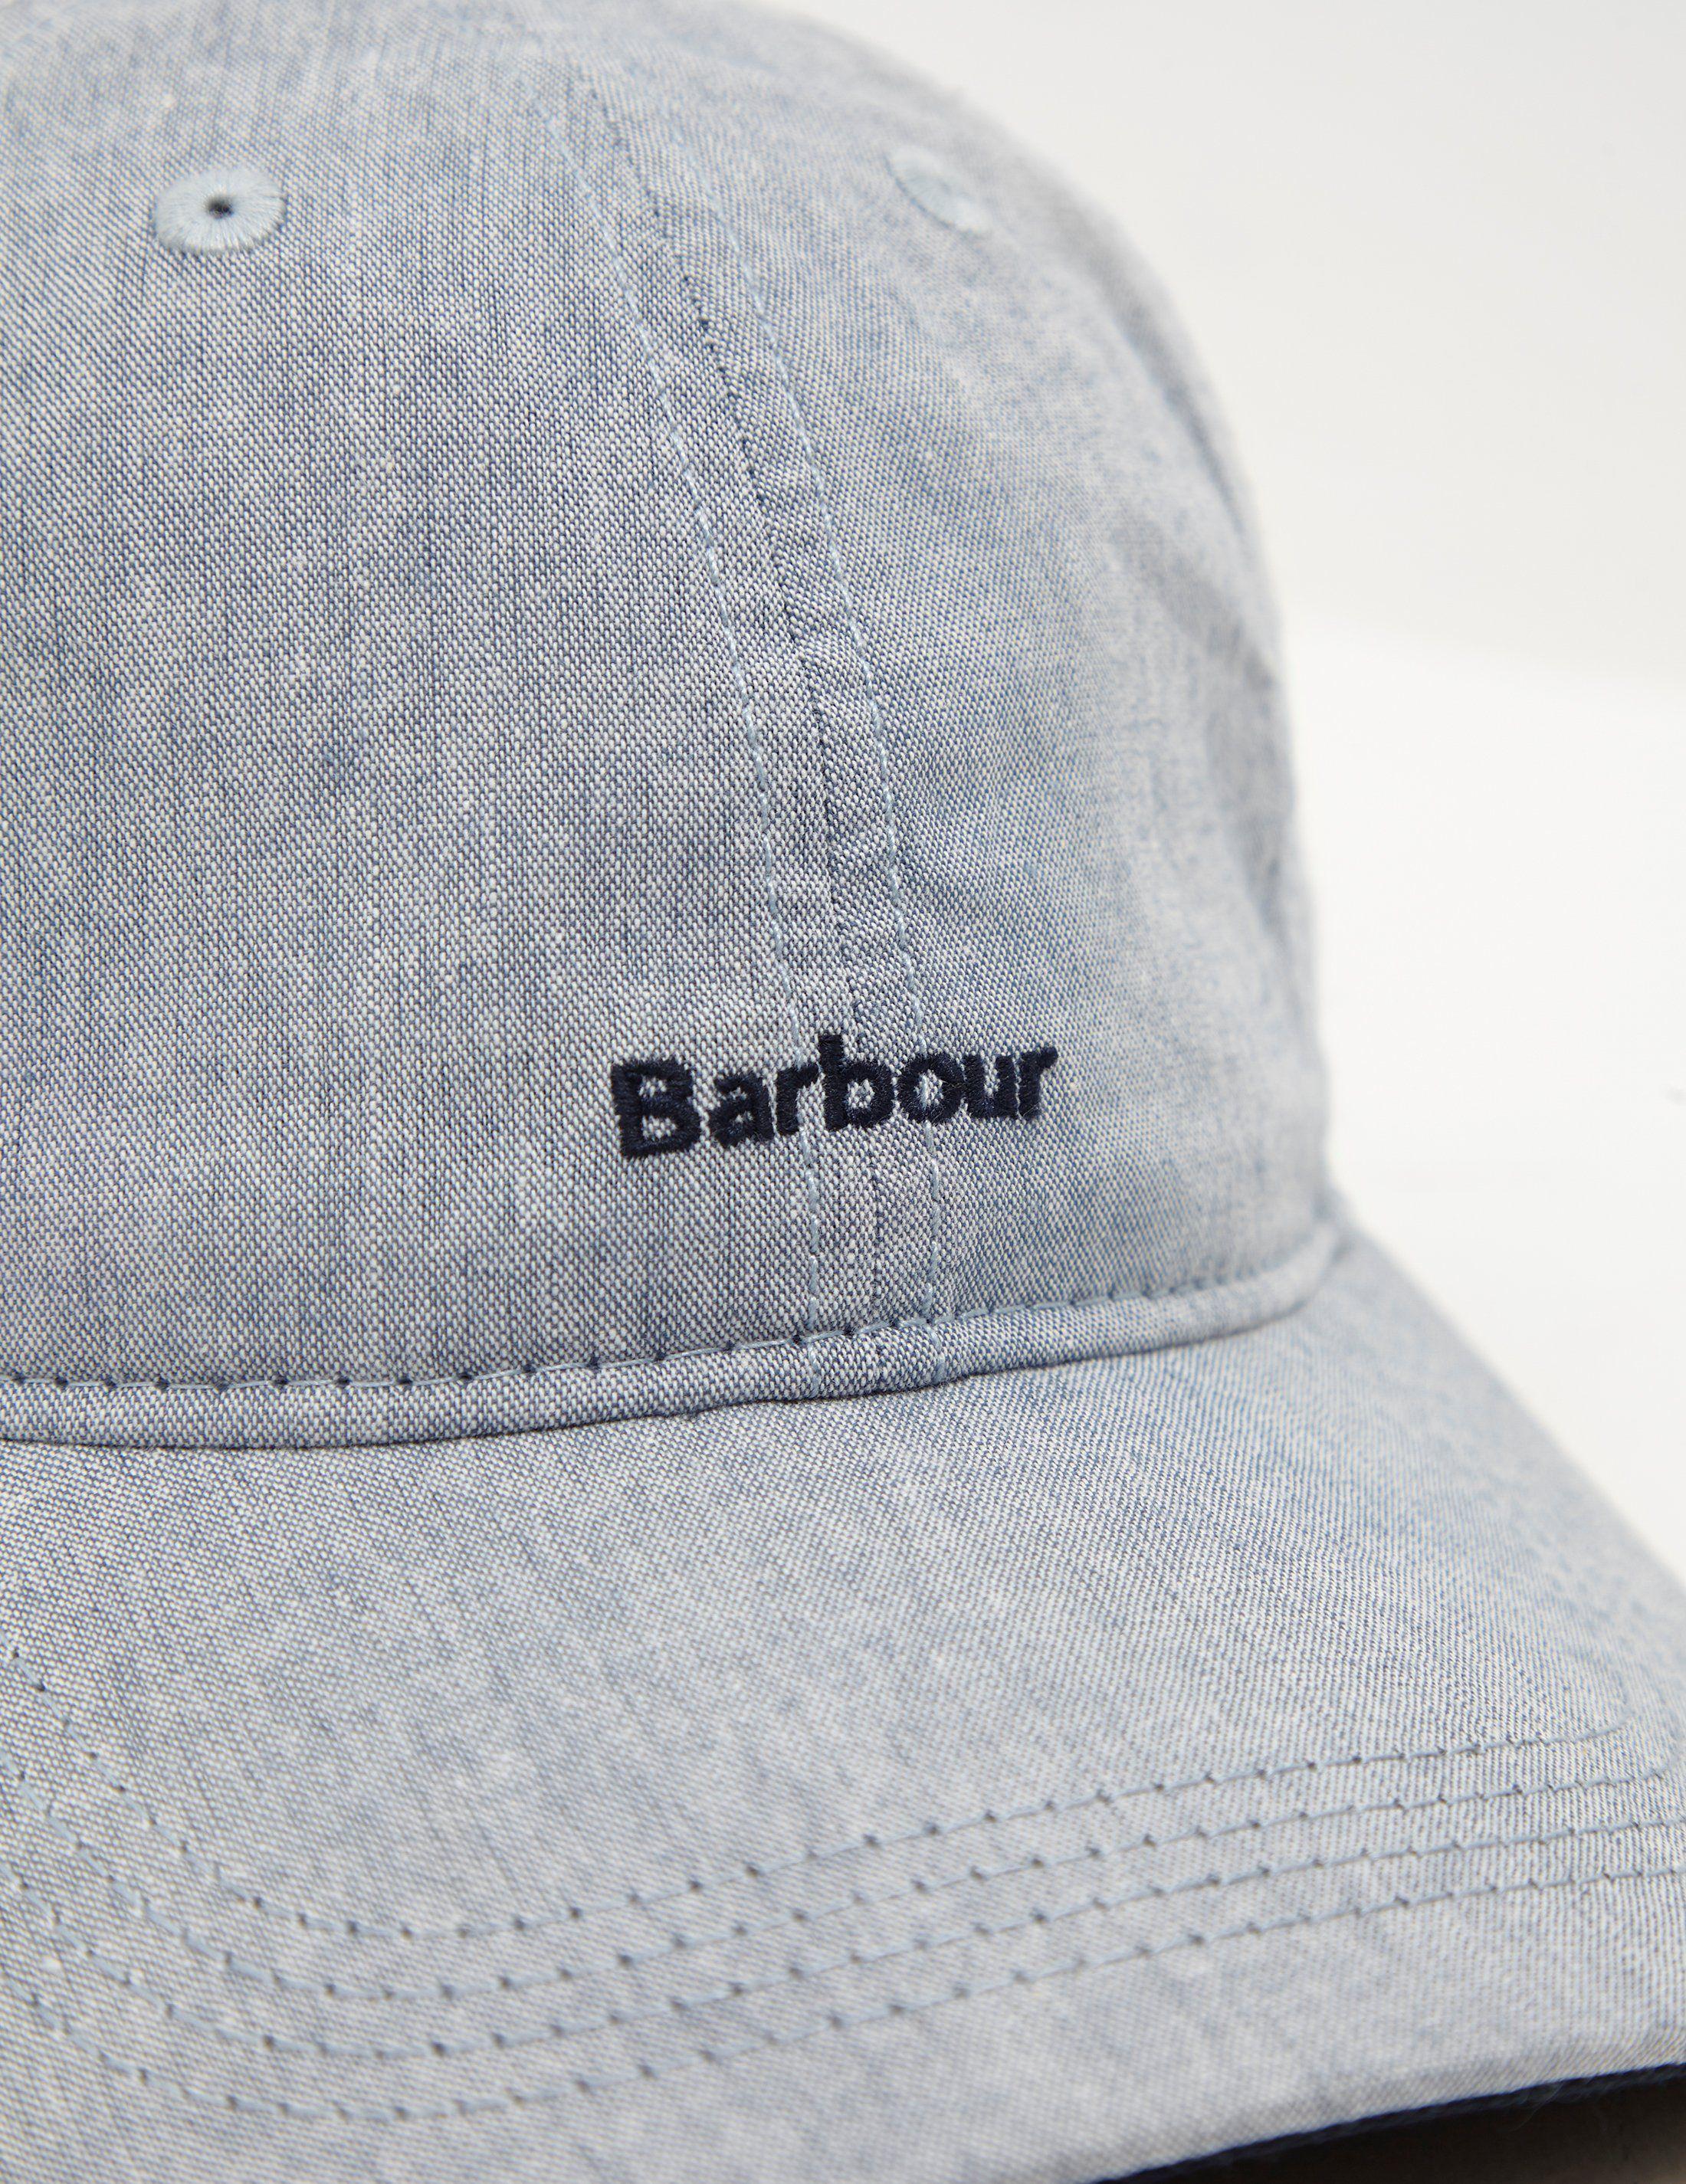 Barbour Cascade Cap - Online Exclusive